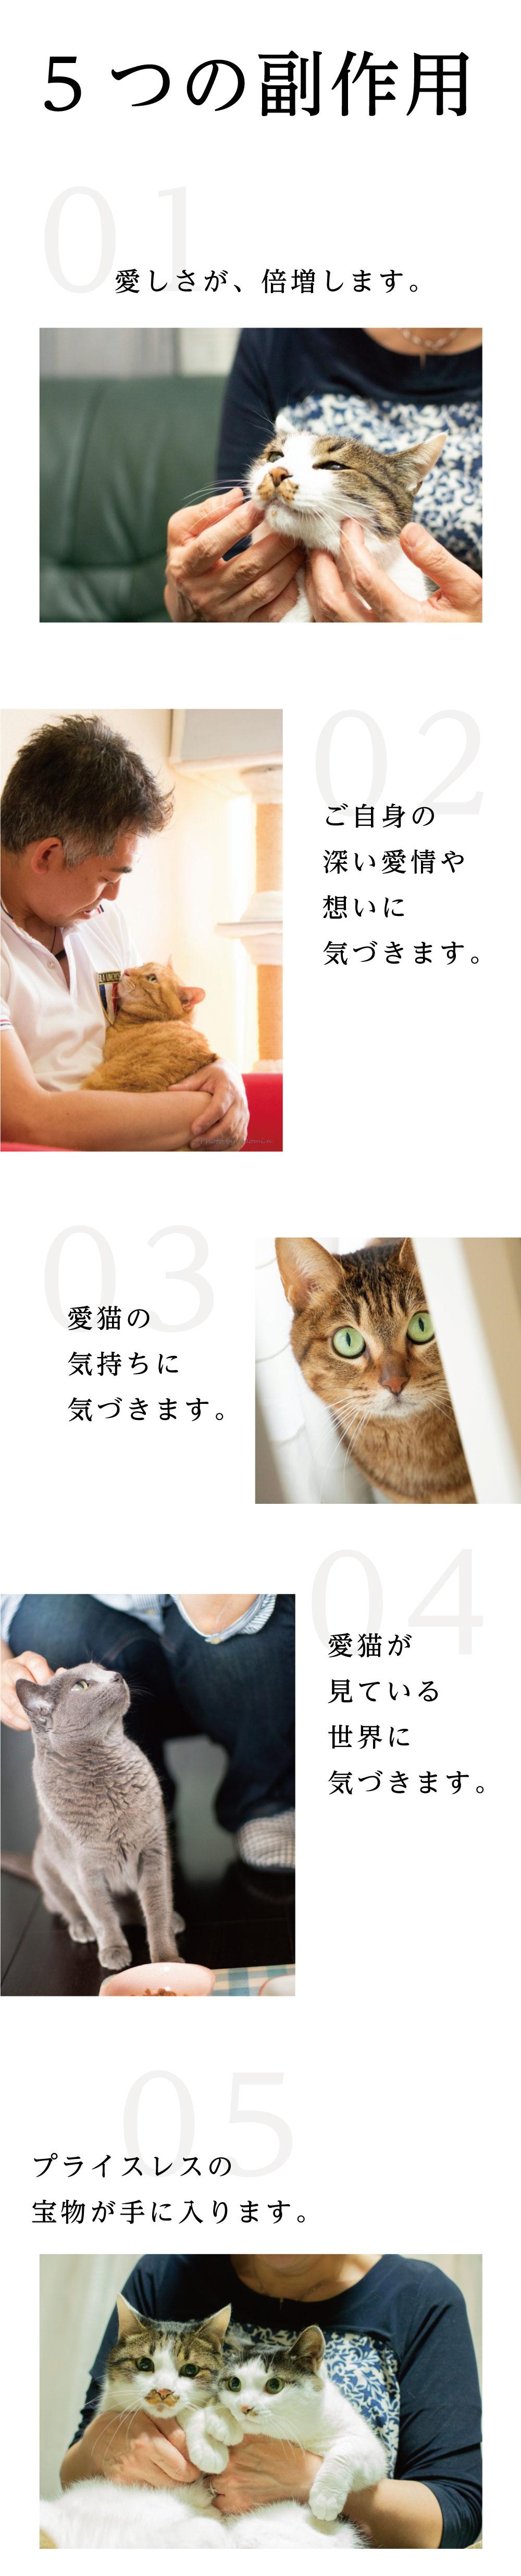 5つの副作用 01:愛しさが、倍増します 02:ご自身の深い愛情や想いに気づきます 03:愛猫の気持ちに気づきます 04:愛猫が見ている世界に気づきます 05:プライスレスの宝物が手に入ります